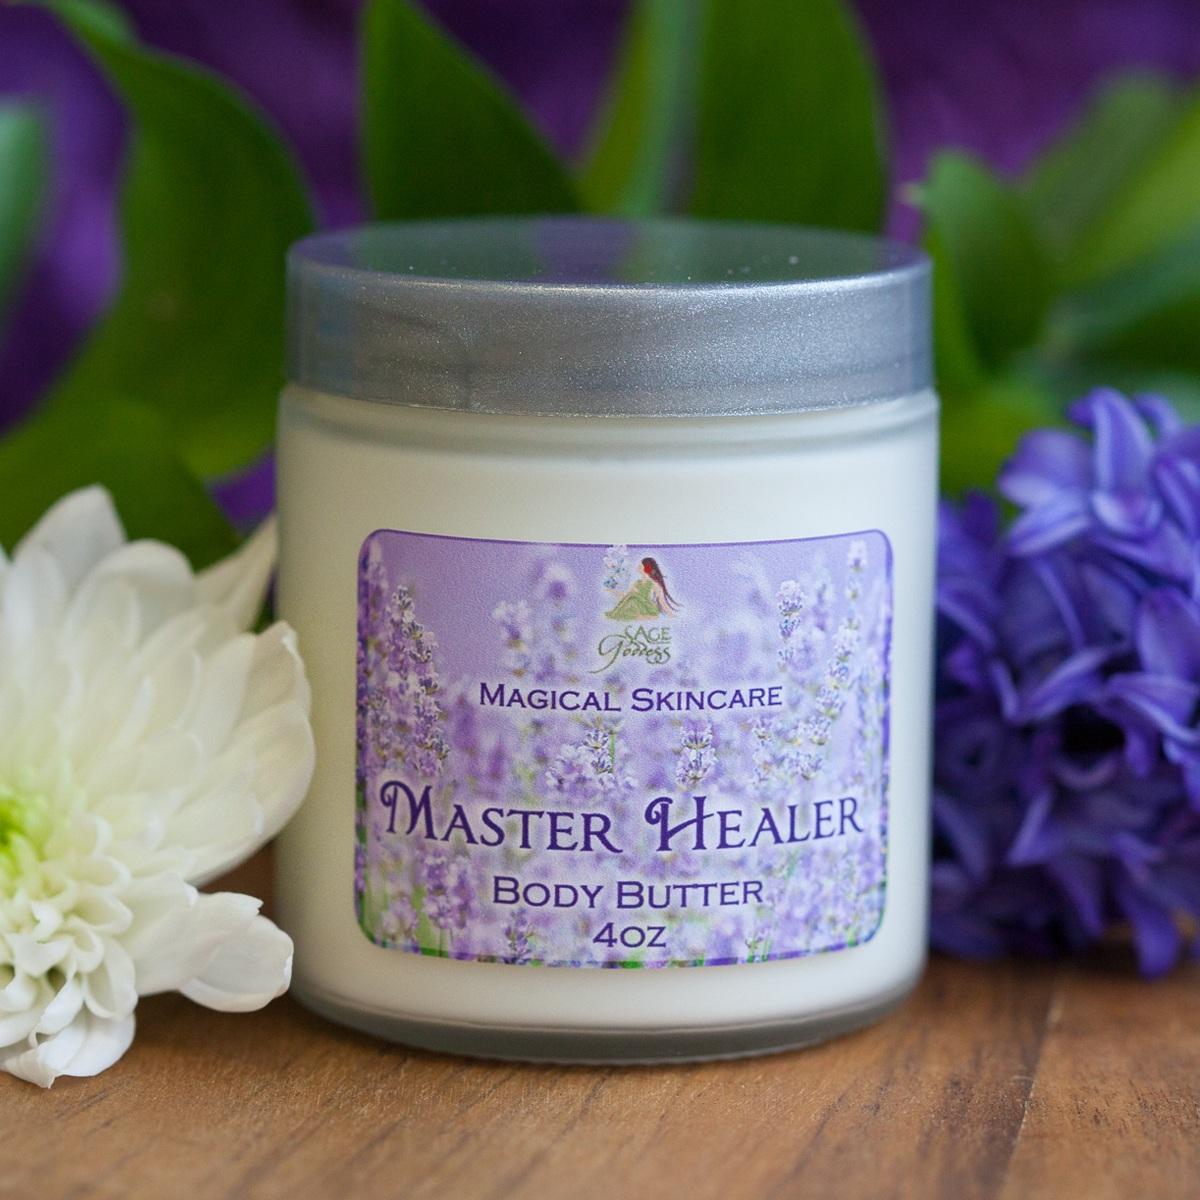 Master Healer Body Butter 3_14